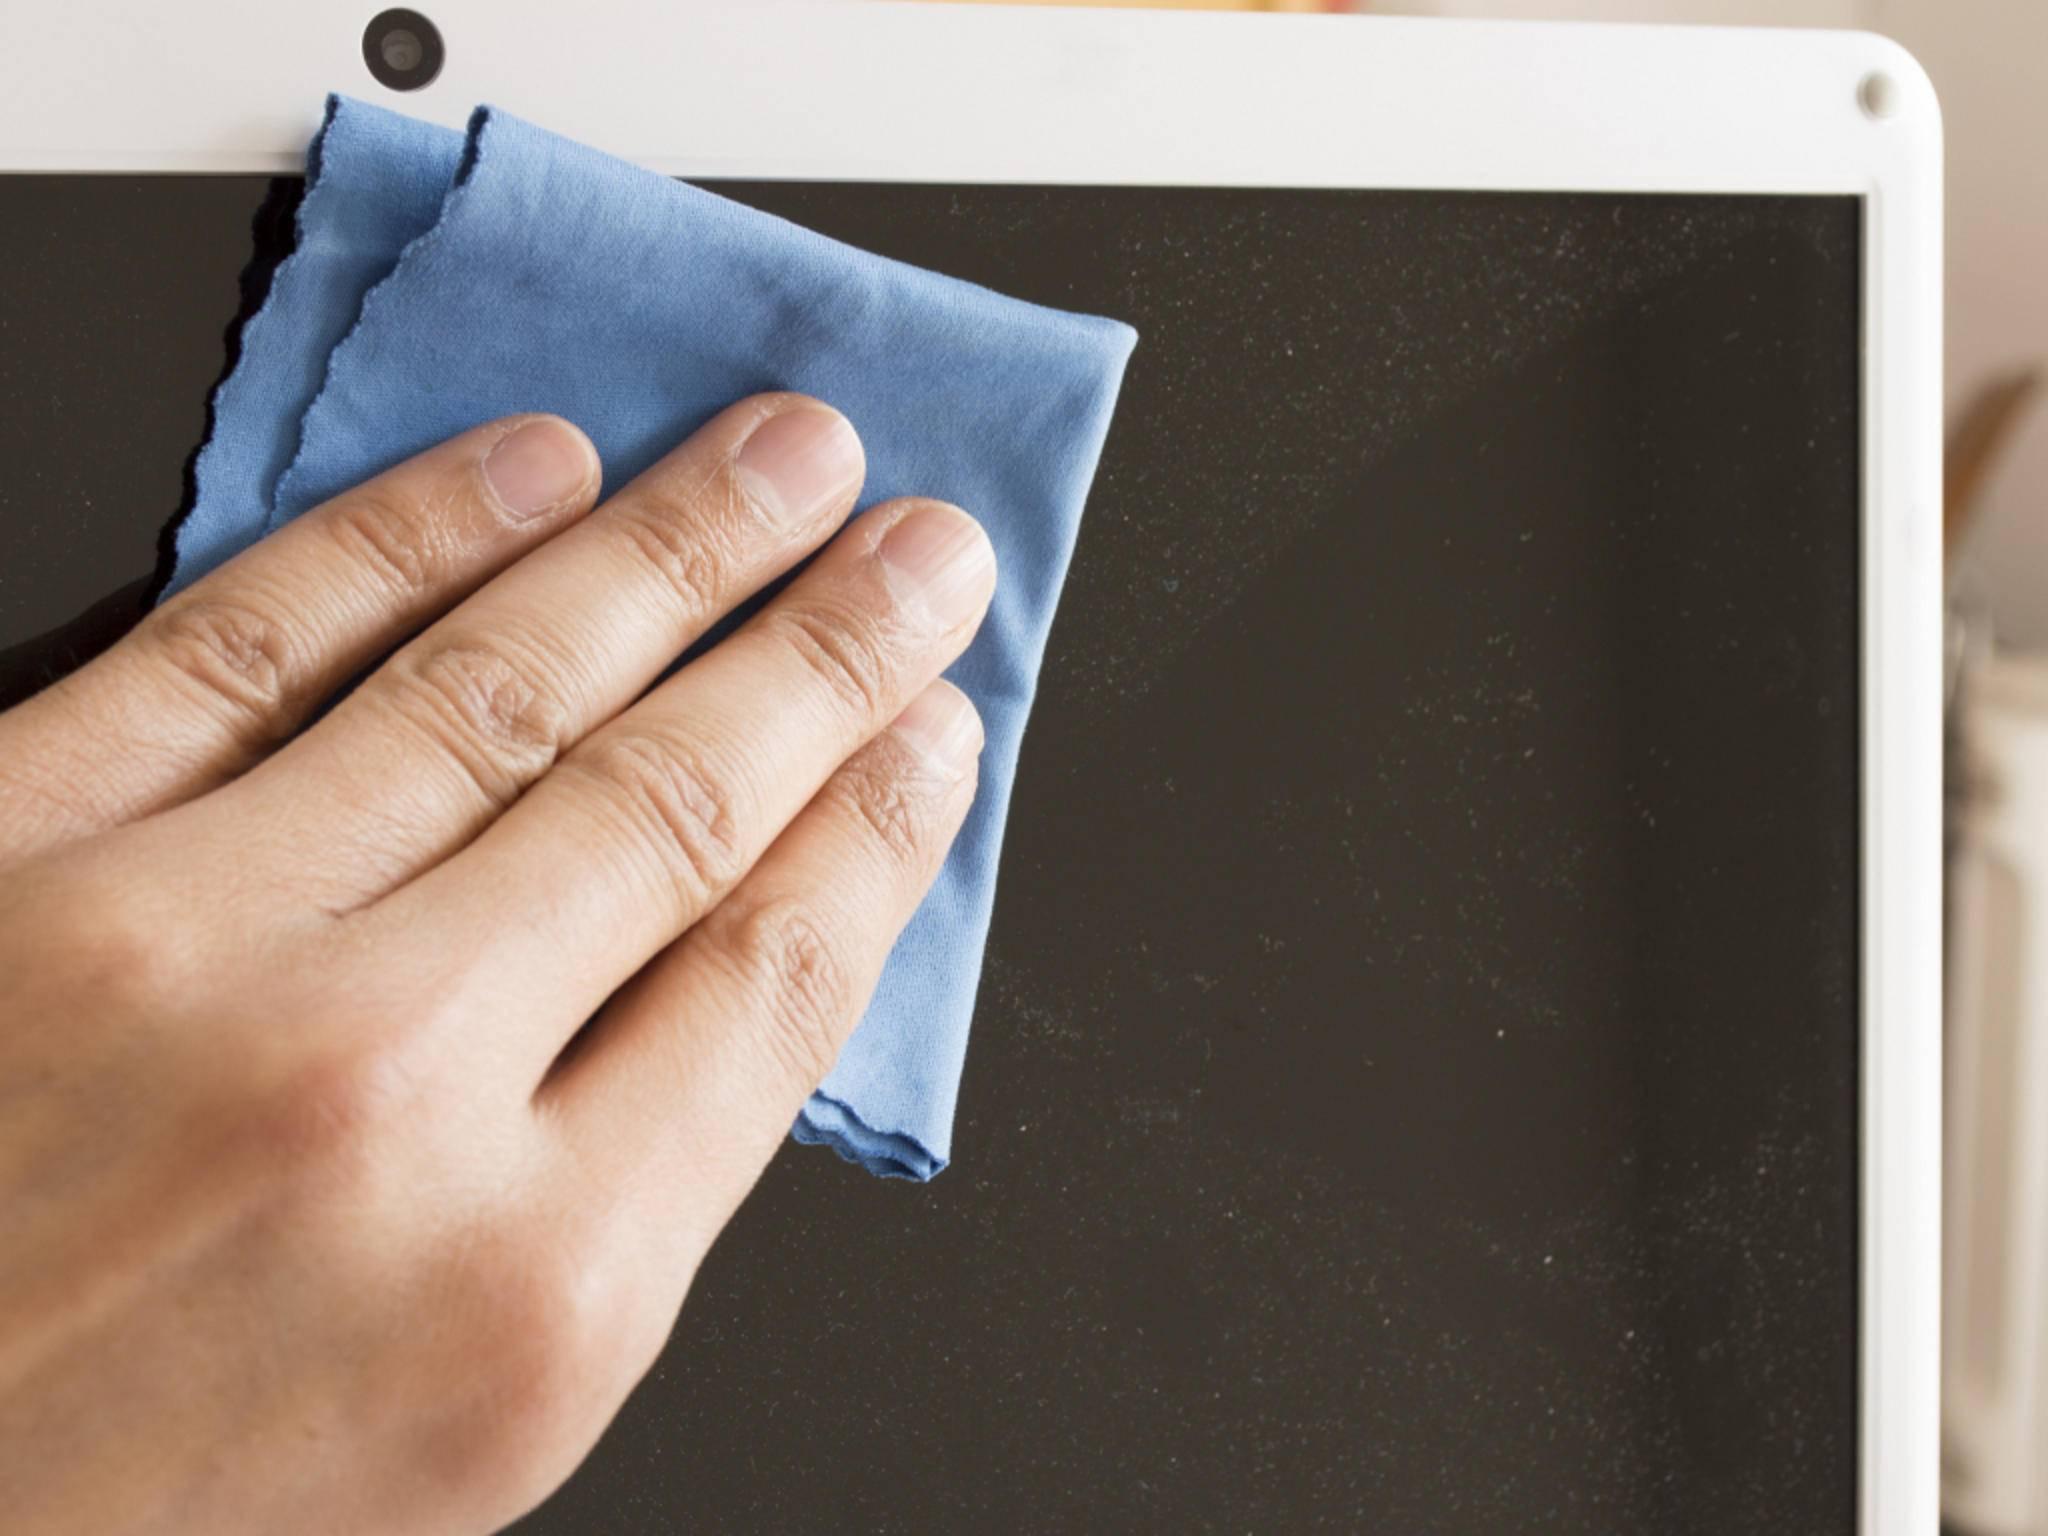 Ein Mikrofasertuch beseitigt leichte Verschmutzungen im Handumdrehen.